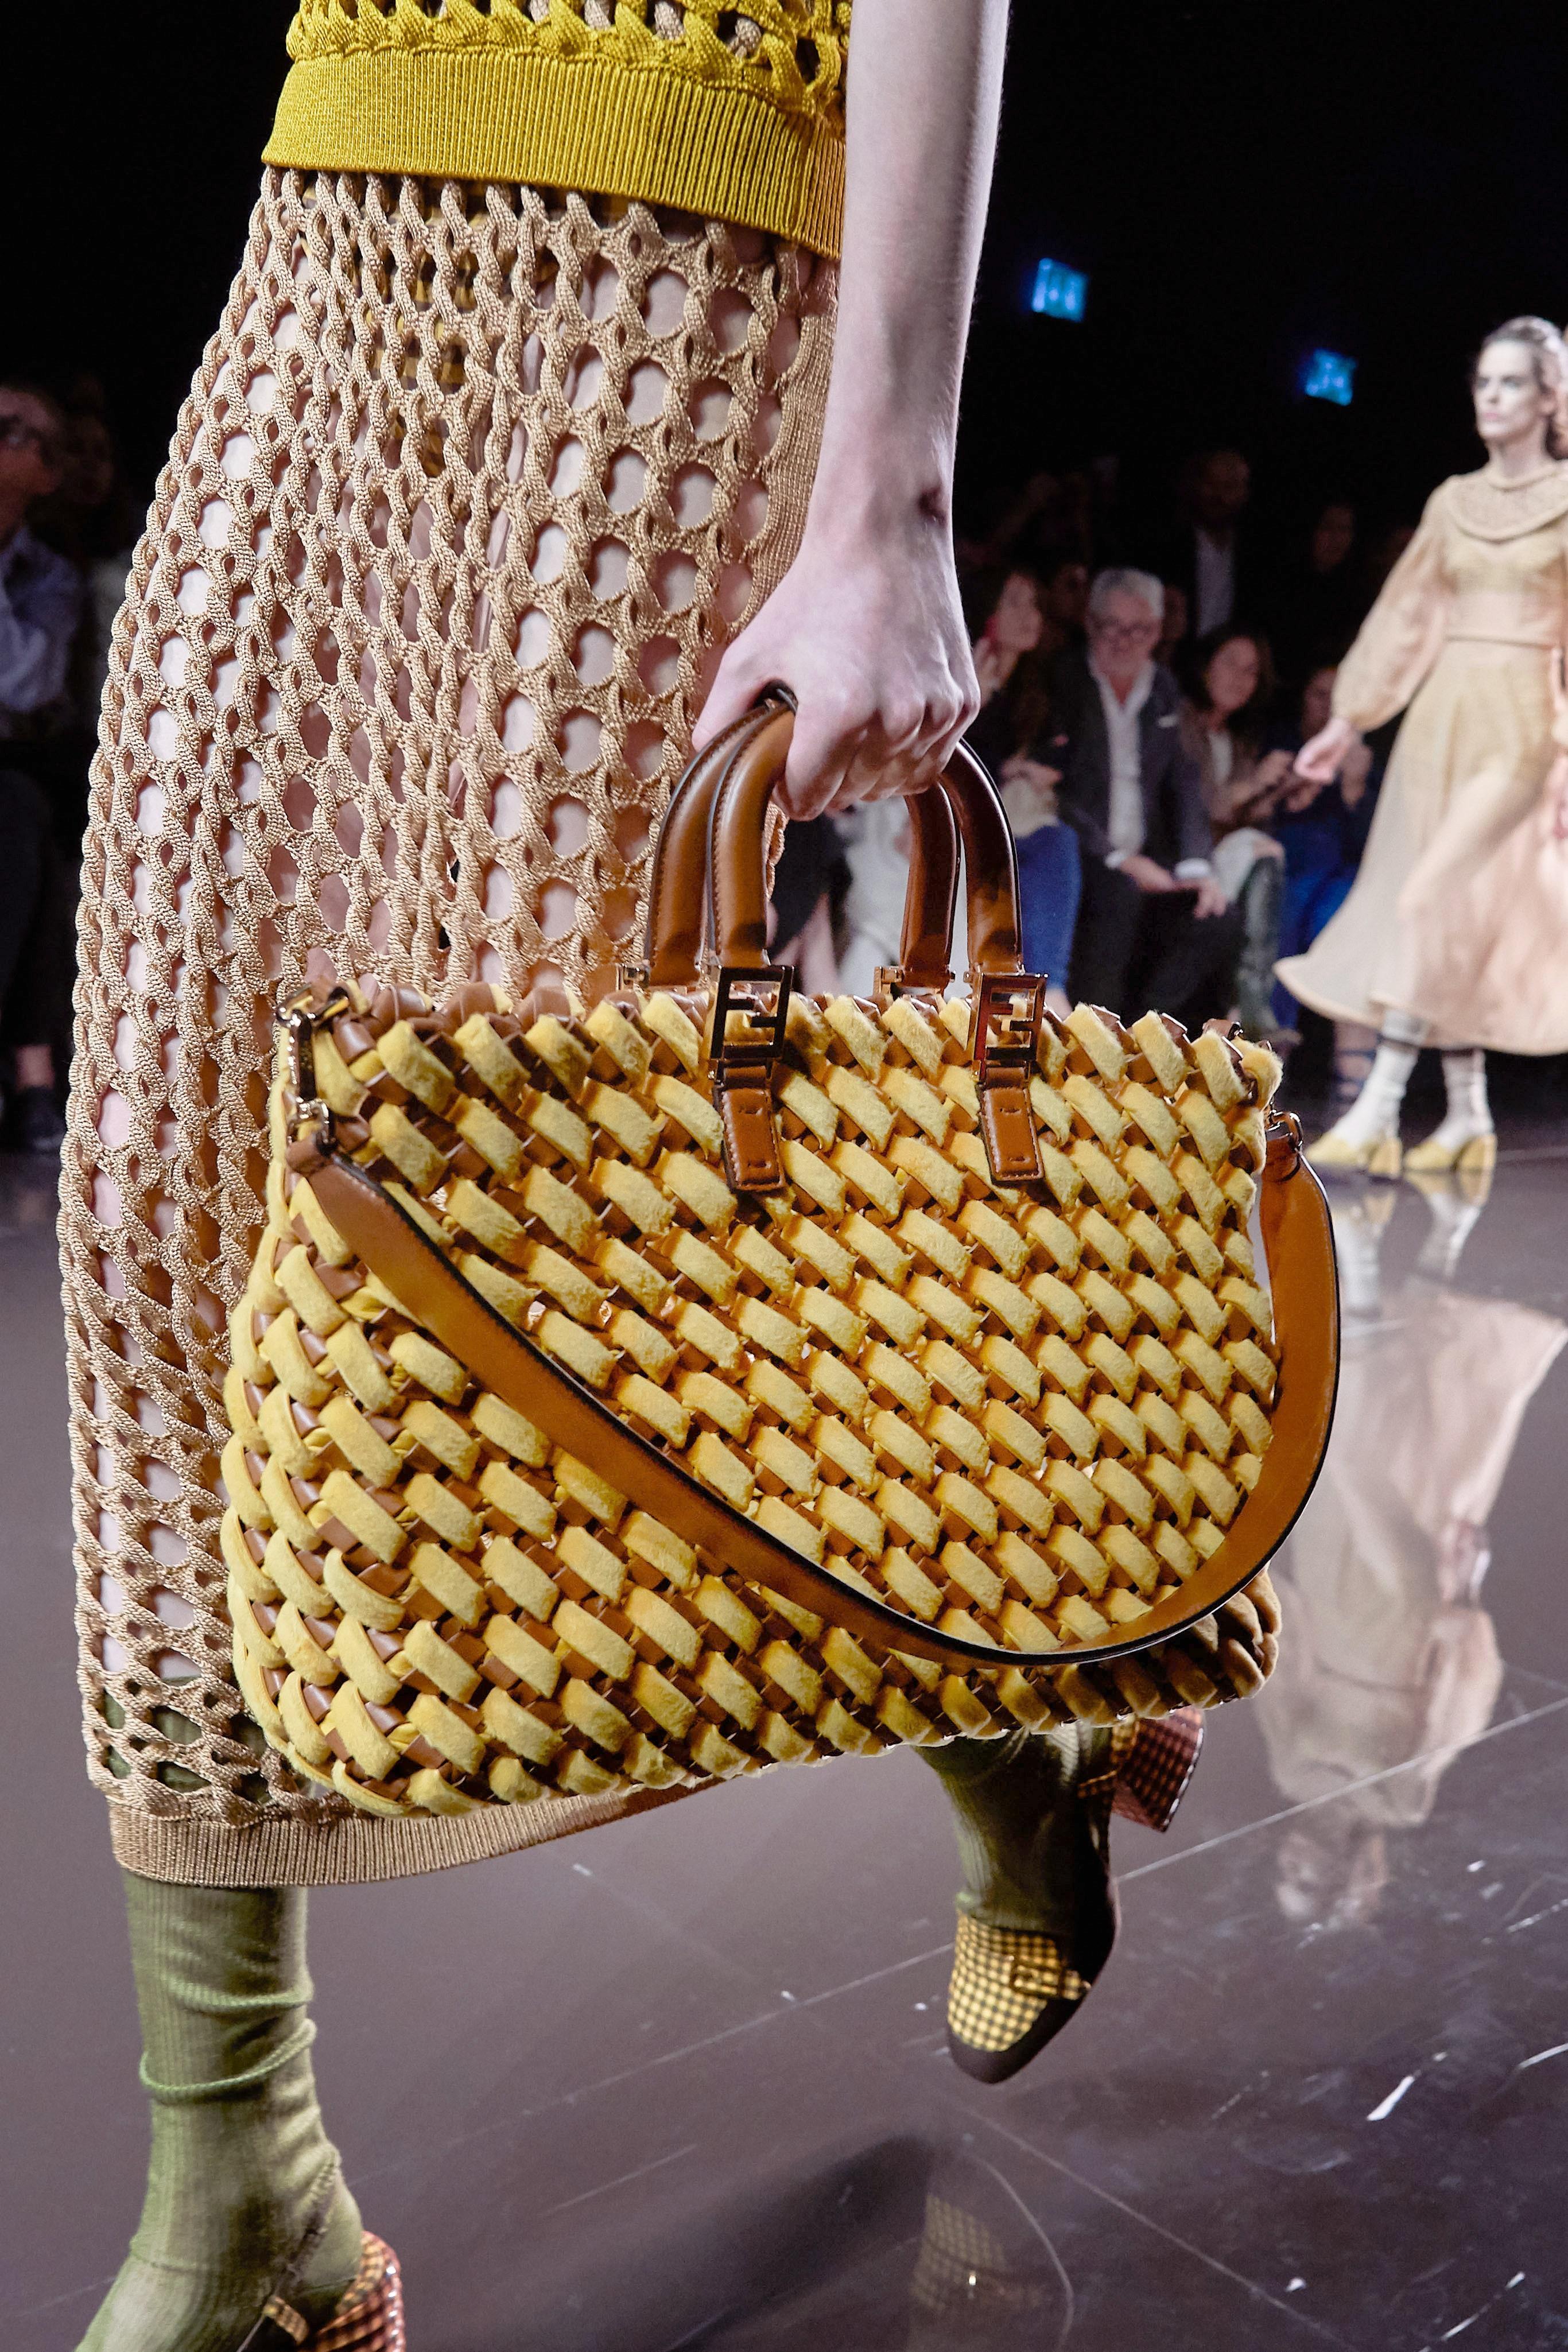 حقيبة مونوكروم باللون الأصفر والبني من فندي Fendi